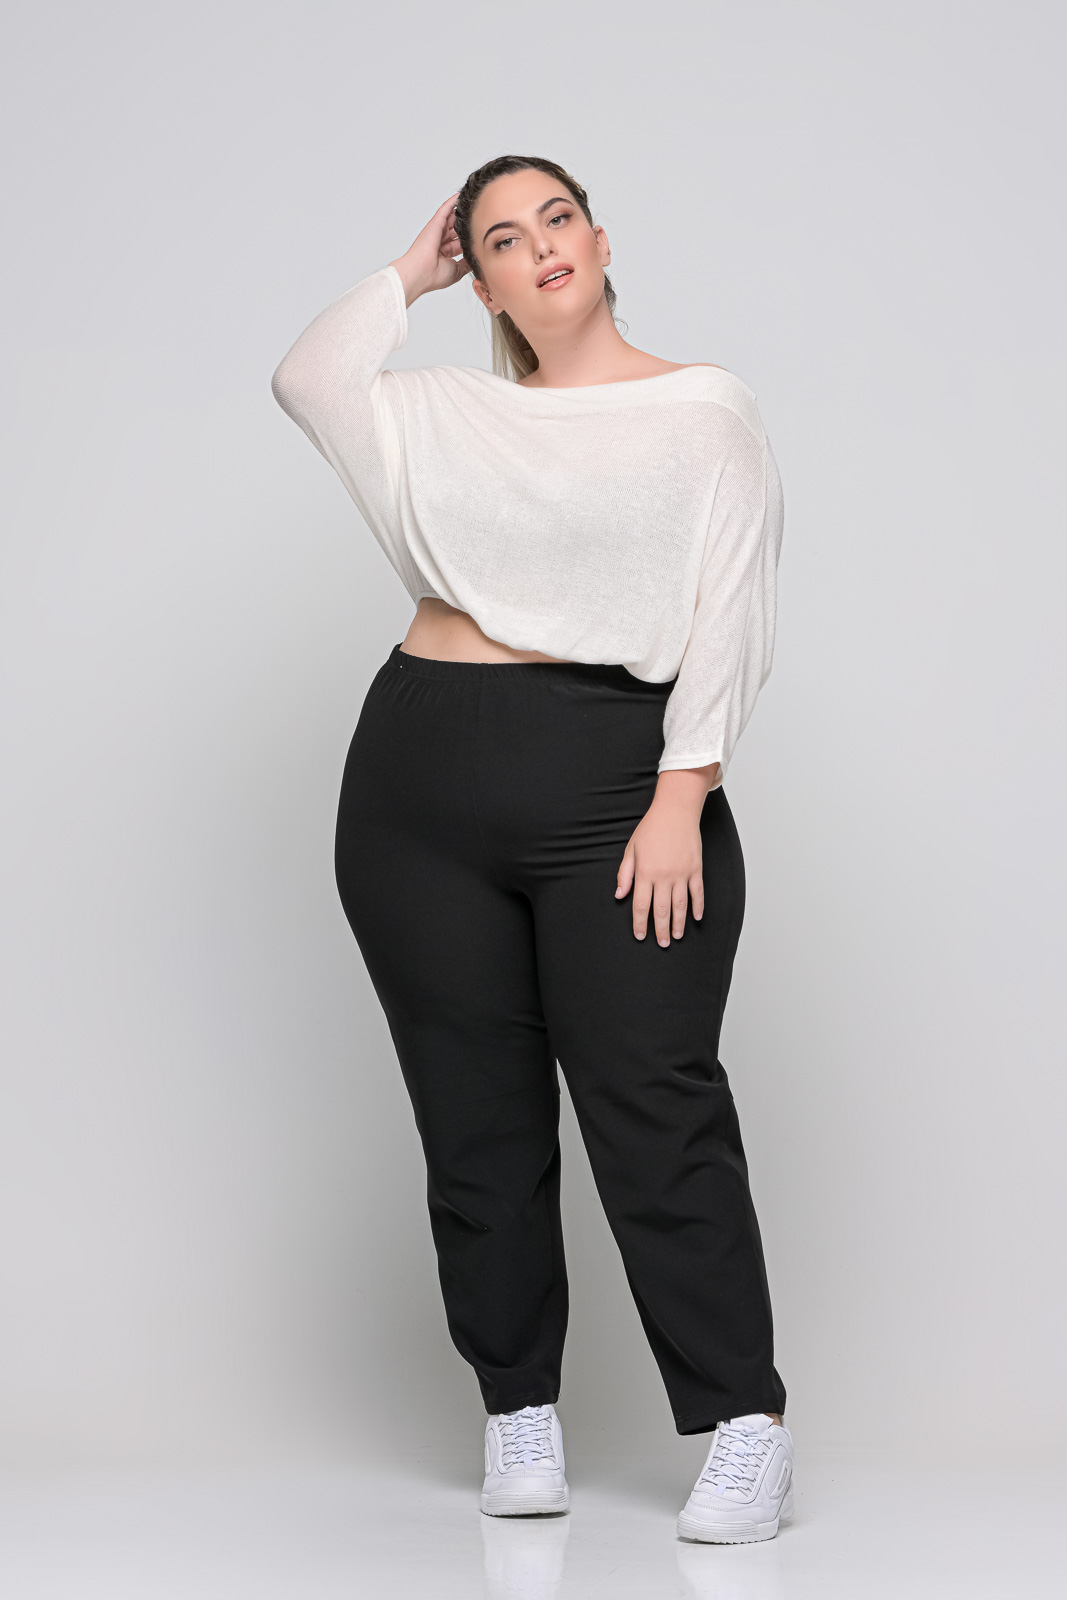 Ανορθωτικό παντελόνι μεγάλα μεγέθη μάυρο με λάστιχο στη μέση. Στο eshop μας θα βρείτε οικονομικά γυναίκεια ρούχα σε μεγάλα μεγέθη και υπερμεγέθη.